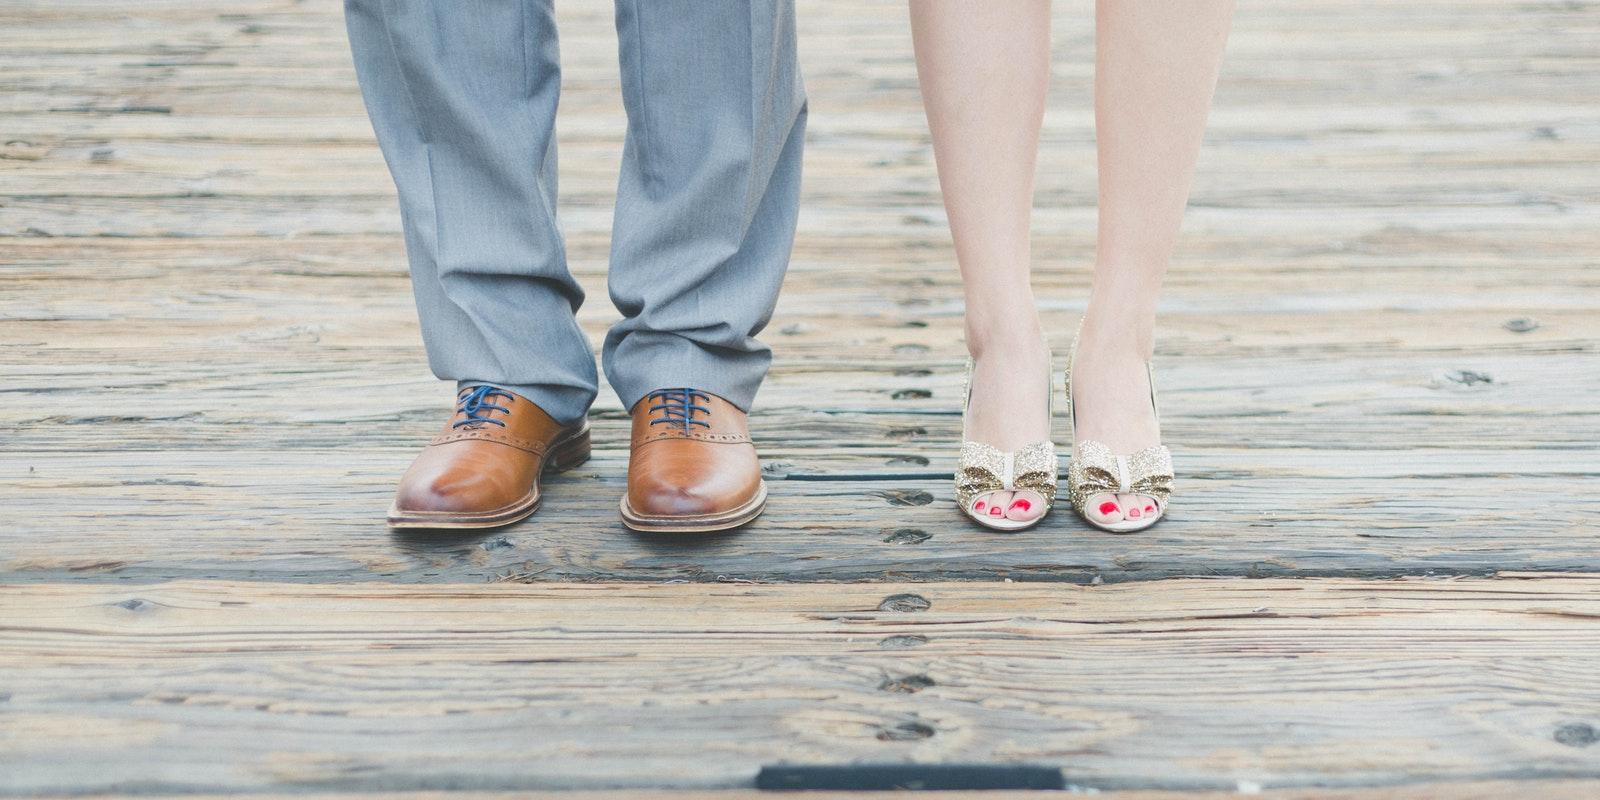 62187e776d2 Vælg de rigtige sko til dine fødder -